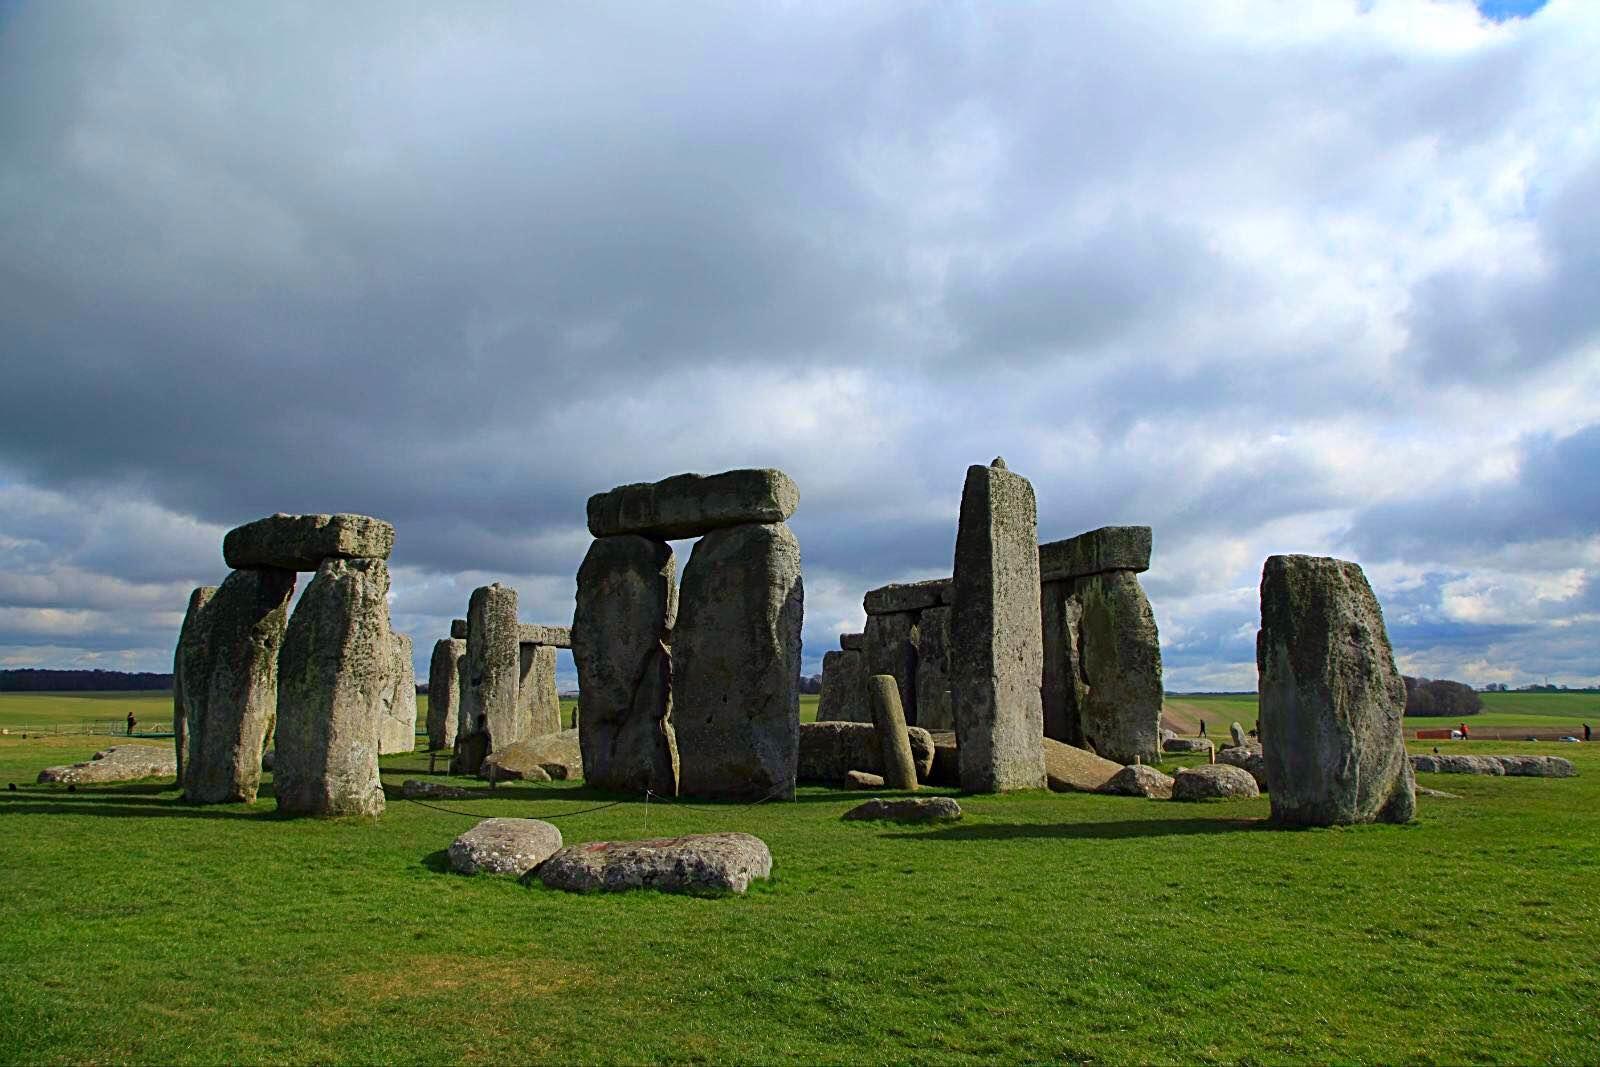 知乎用户剧情是虚构的巨石阵是真的:巨石阵是欧洲著名的史前时代文化神庙遗址也是英国最出名的标志之一位于英格兰威尔特郡索尔兹伯里平原在一,至于有5000多年历史的巨石阵那更是英国人的骄傲了每年有上百万游客涌至英伦三岛南端的索尔兹伯里平原在,复活节岛石像和巨石阵的秘密(insclassical知乎用户really?